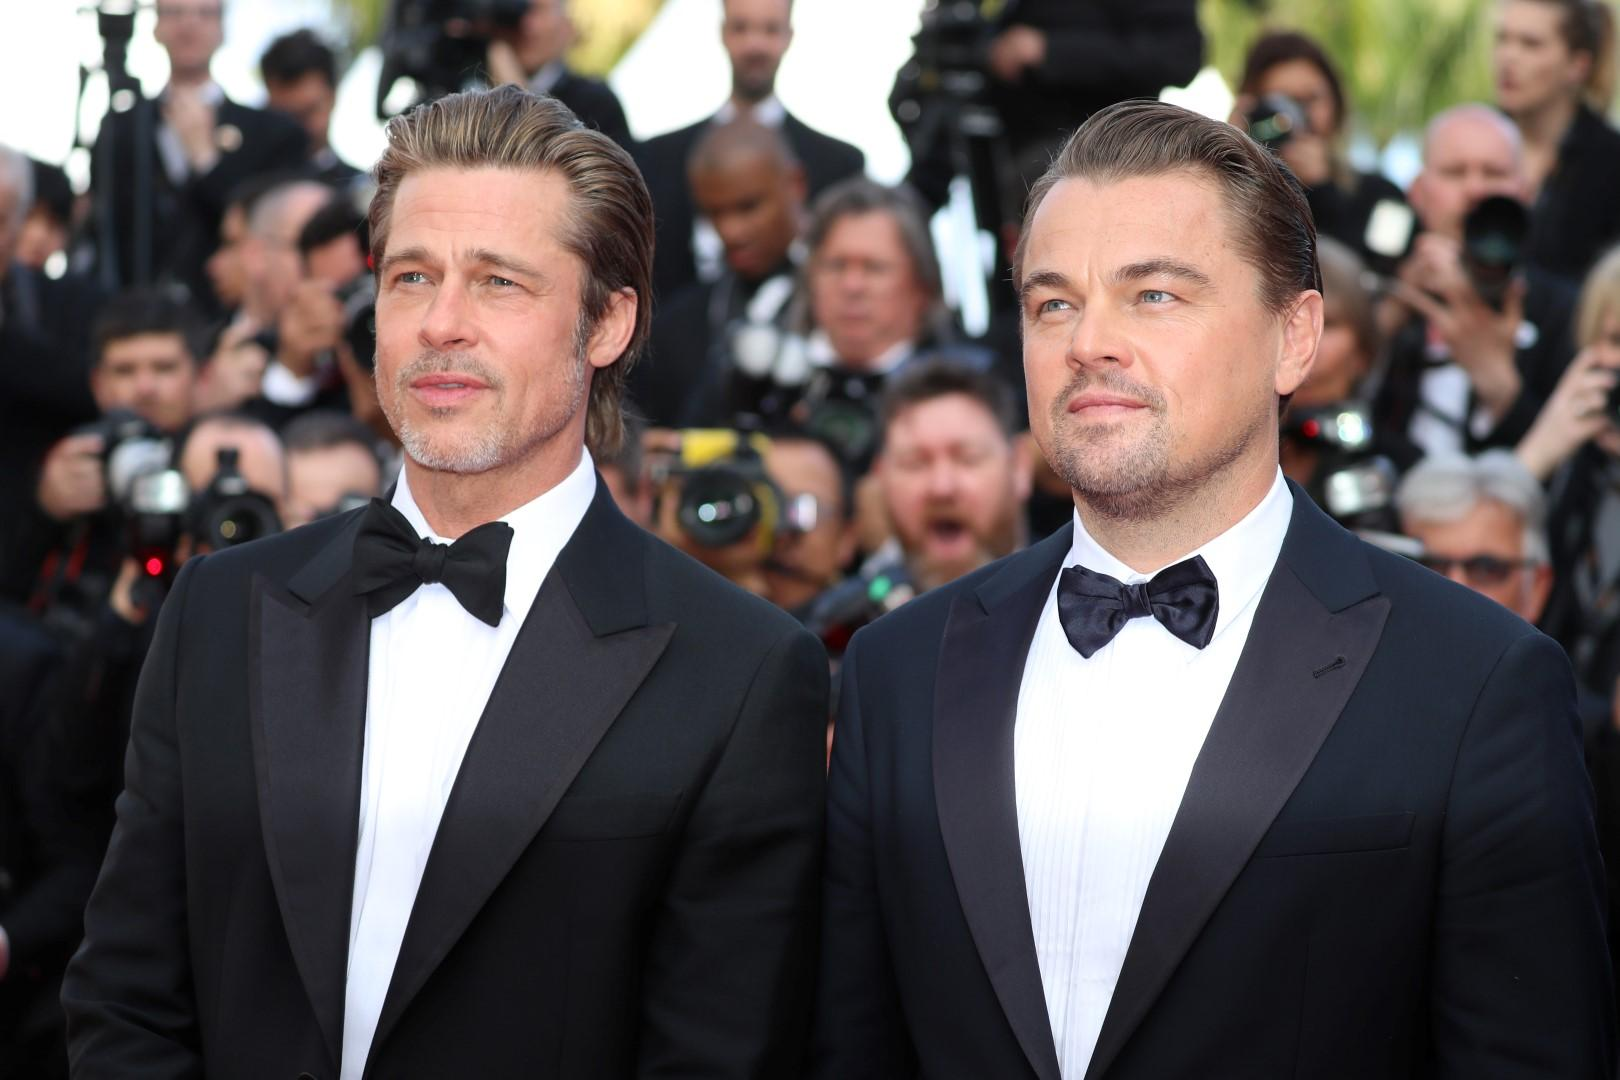 Uomo, al Festival di Cannes l'eleganza delle star è nei dettagli